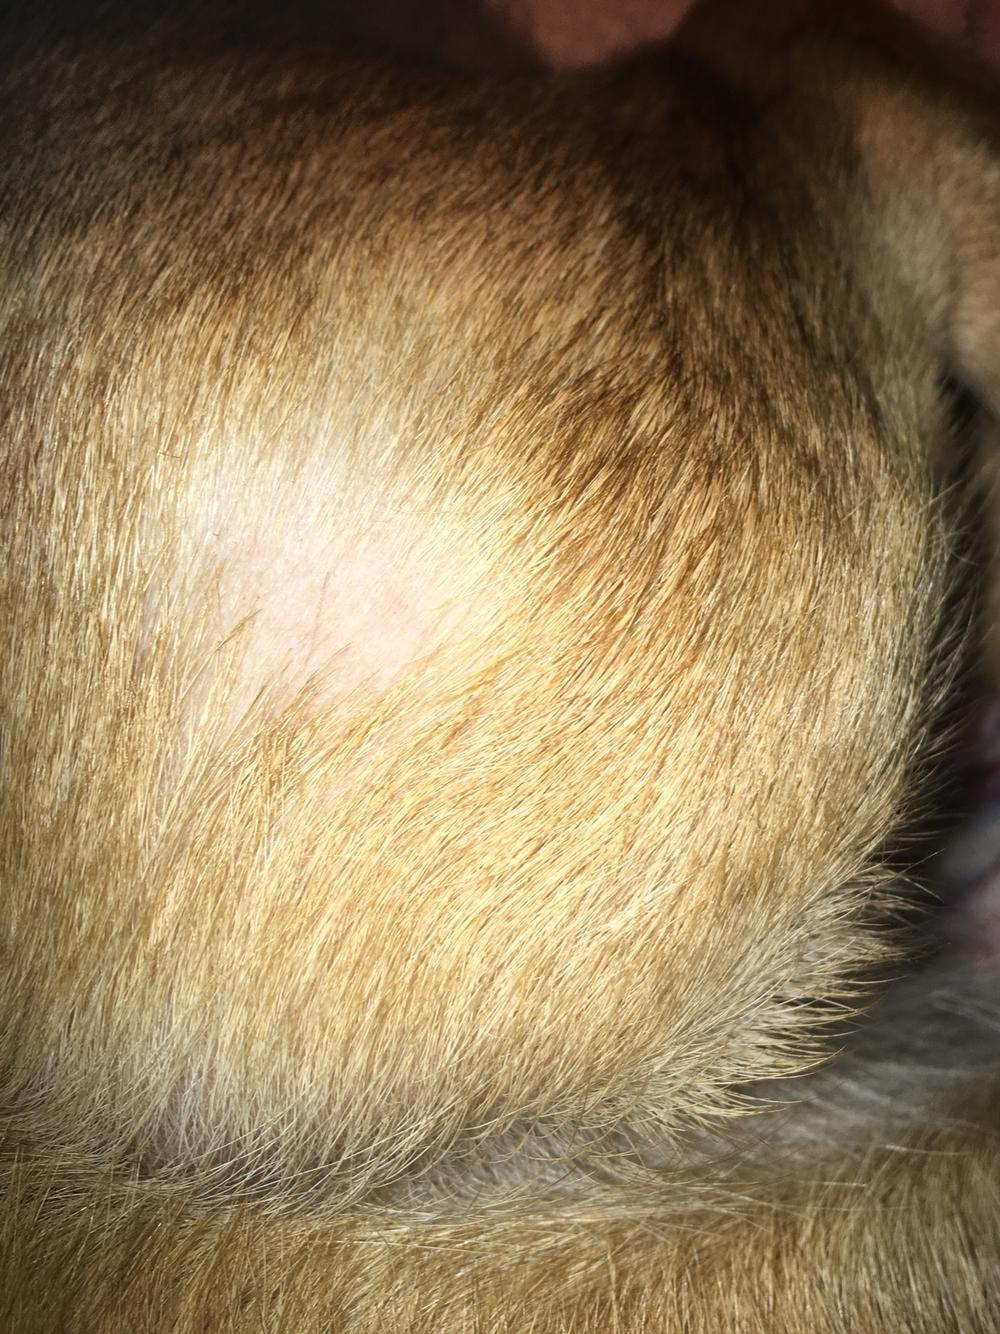 这几天刚发现狗狗的毛有块地方秃了